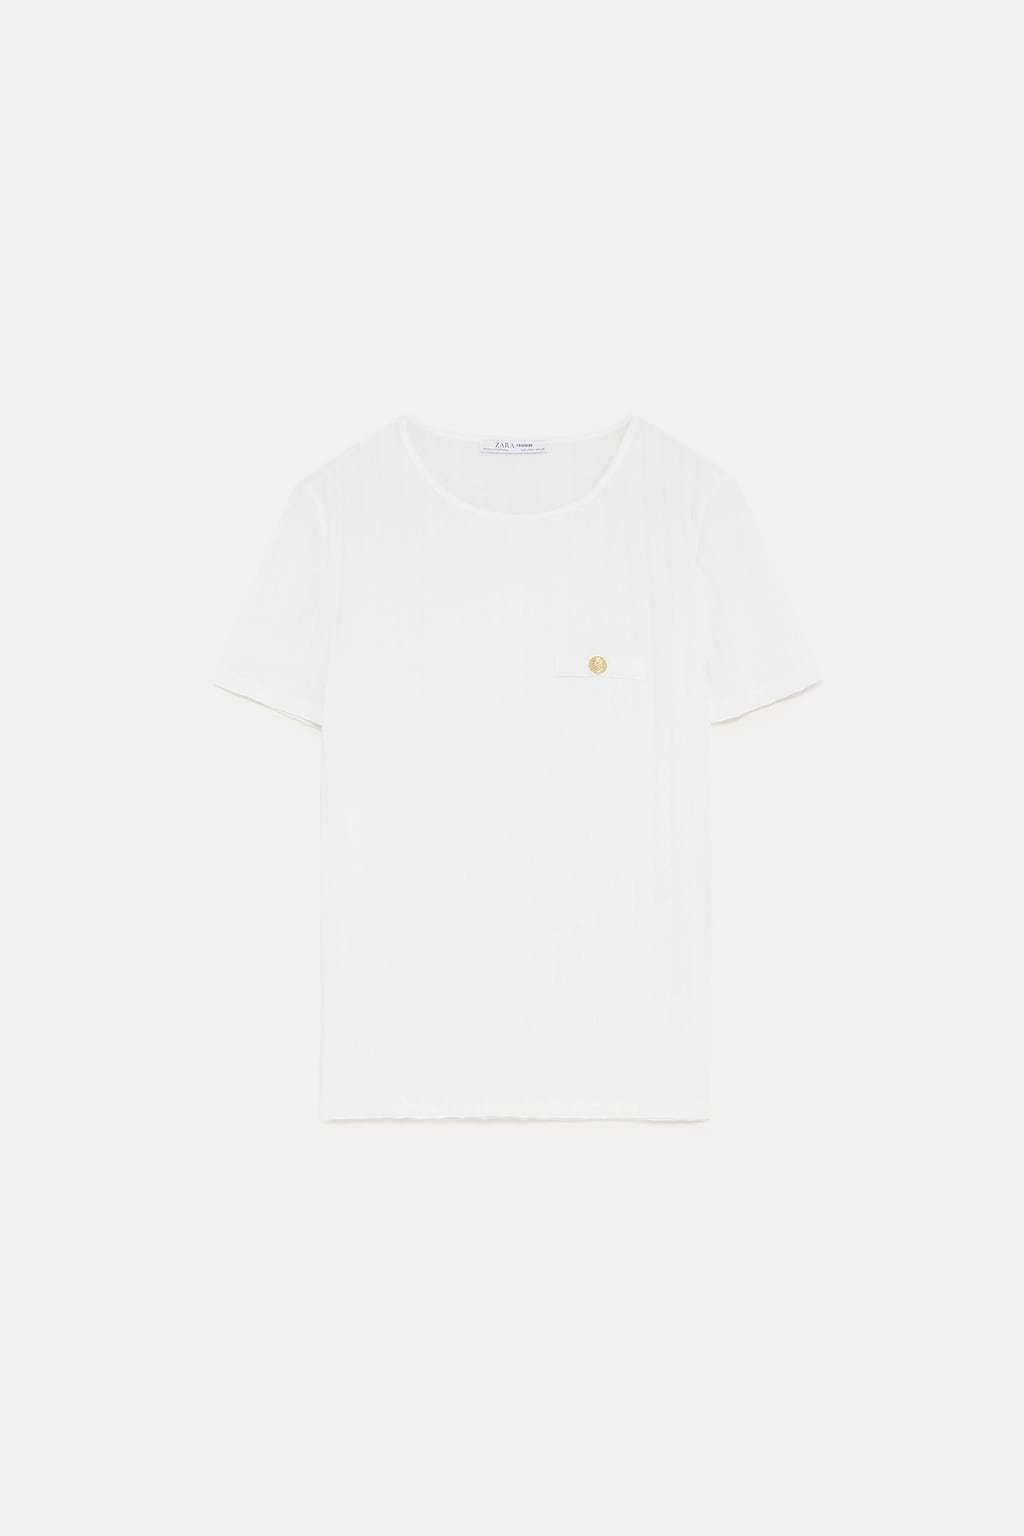 Camiseta canale blanco roto (9,95 euros).